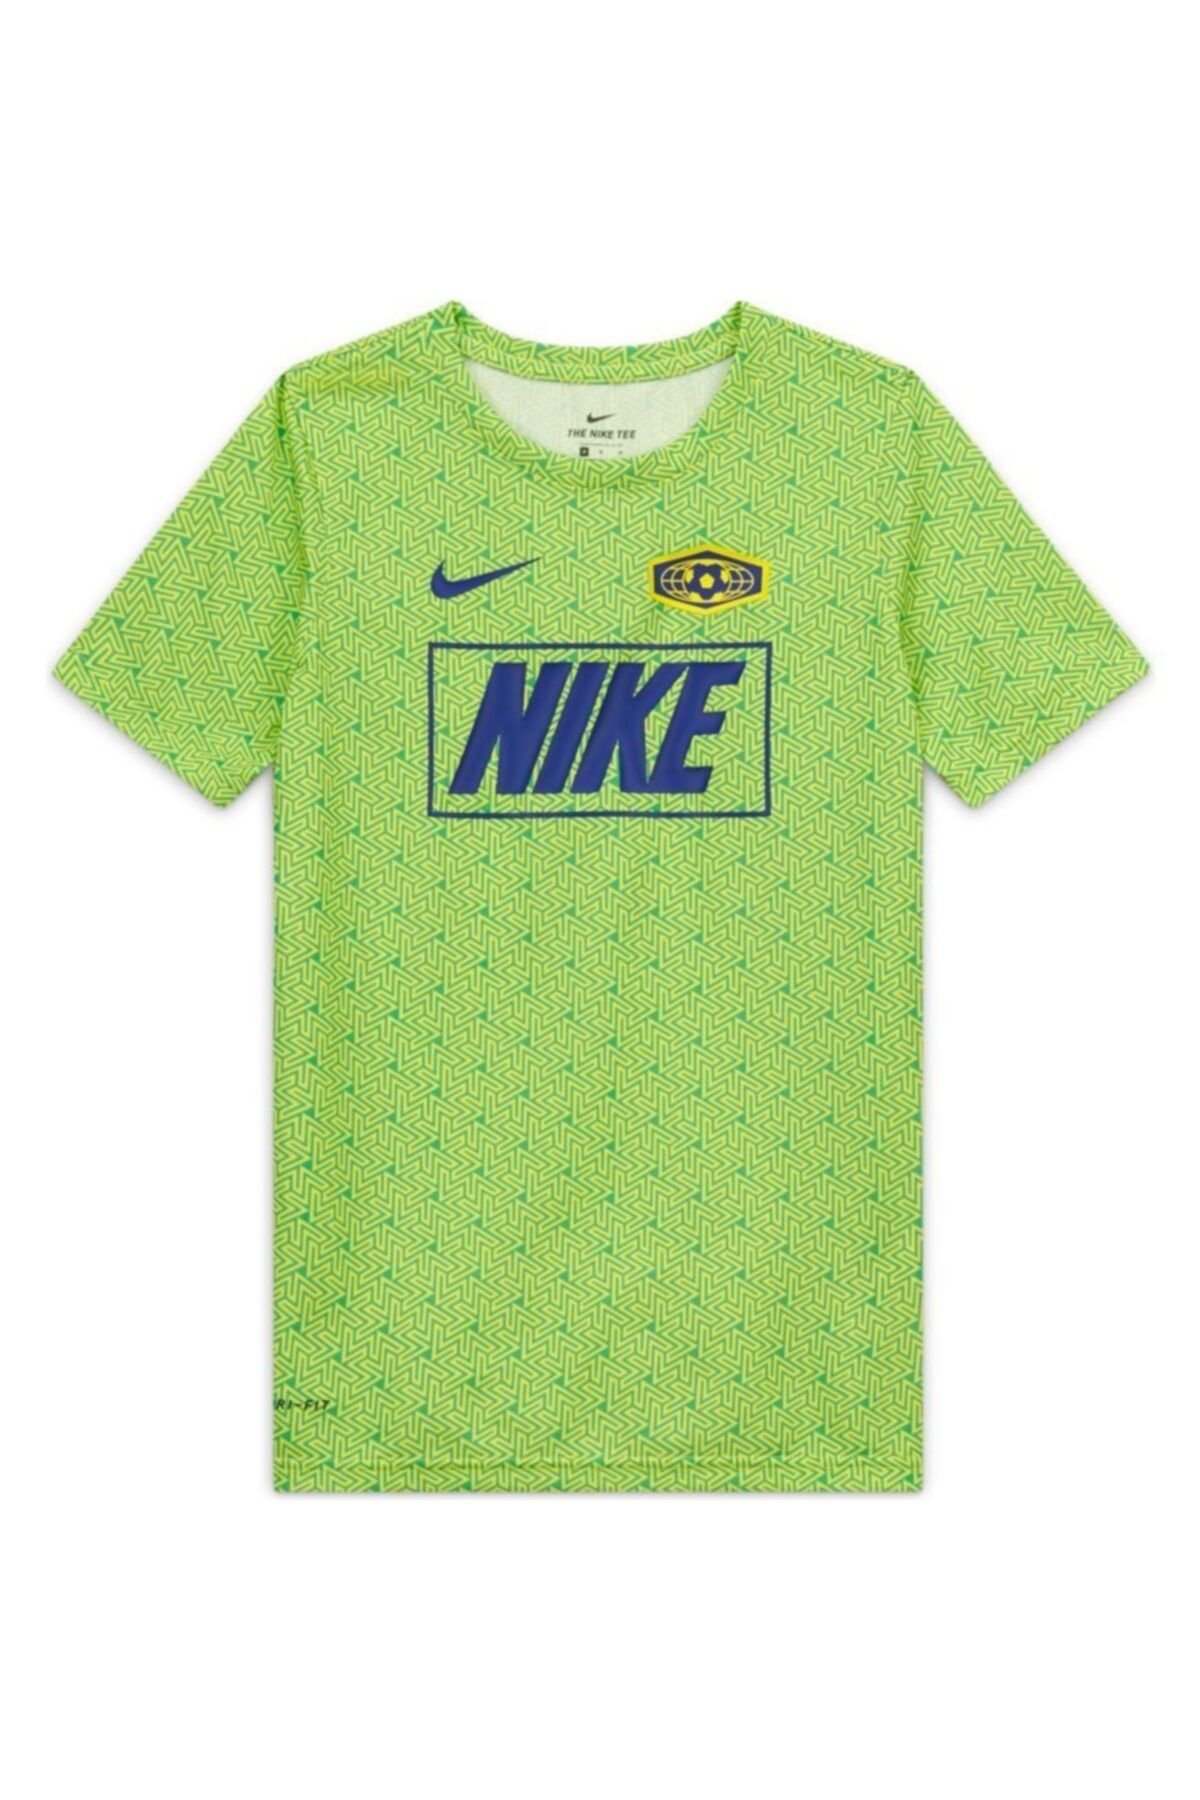 Nike Kids Unisex Çocuk Yeşil Tişört 2